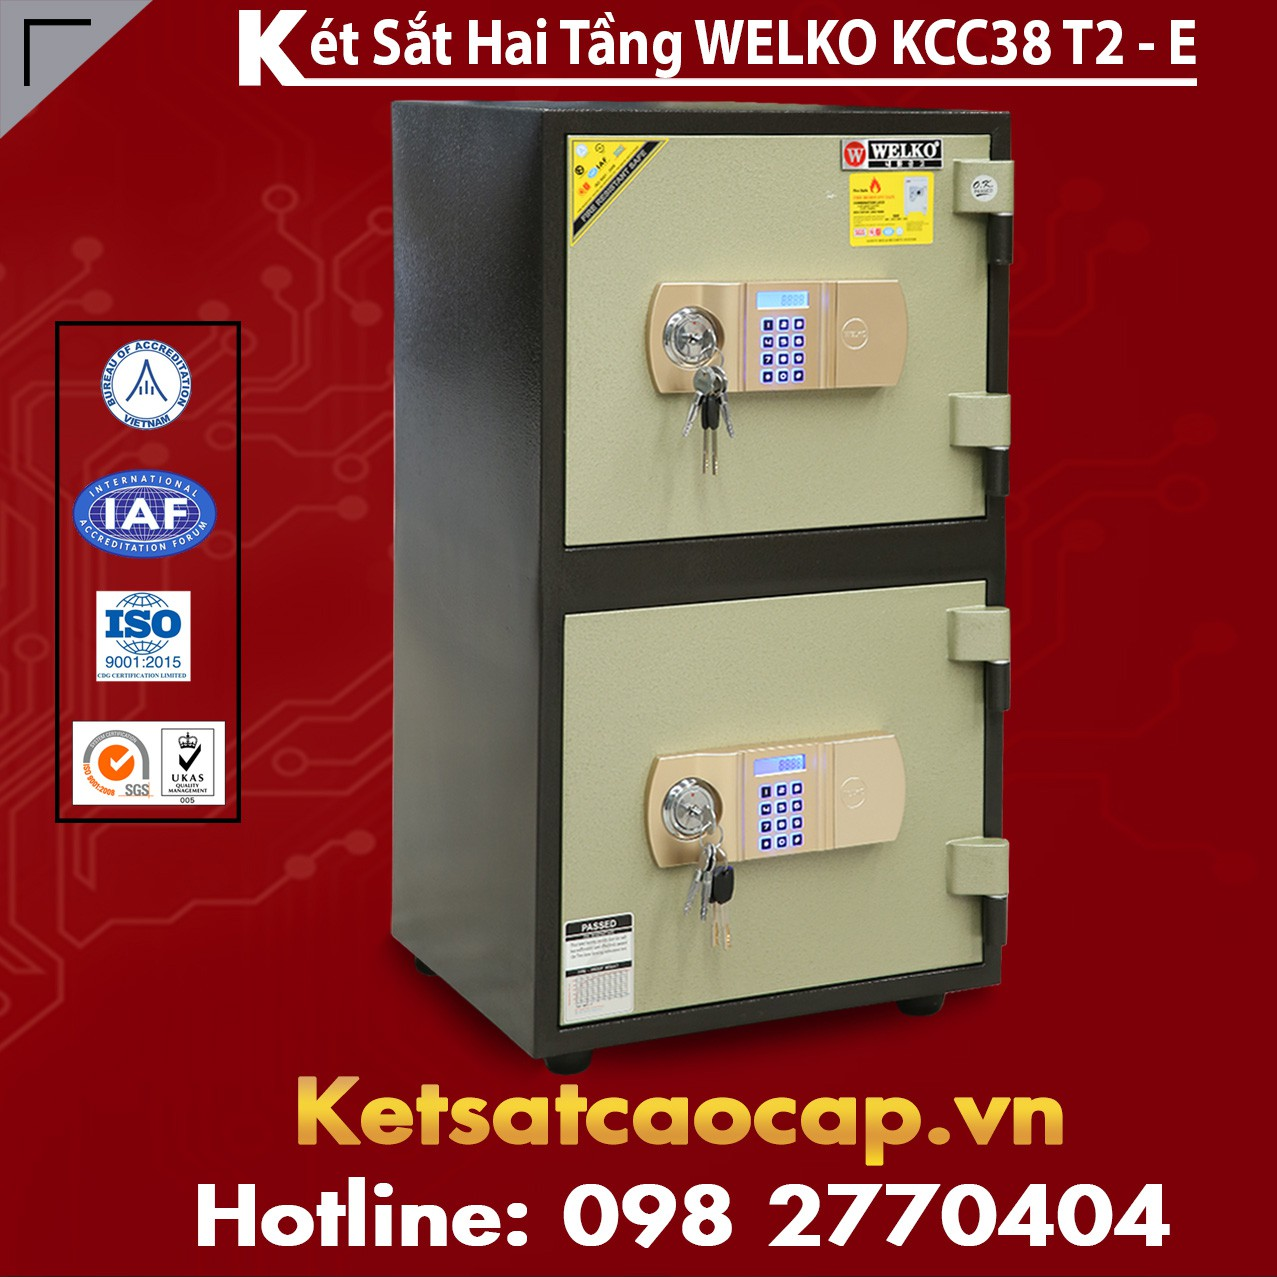 Két Sắt Hai Tầng WELKO KCC38 T2 - E